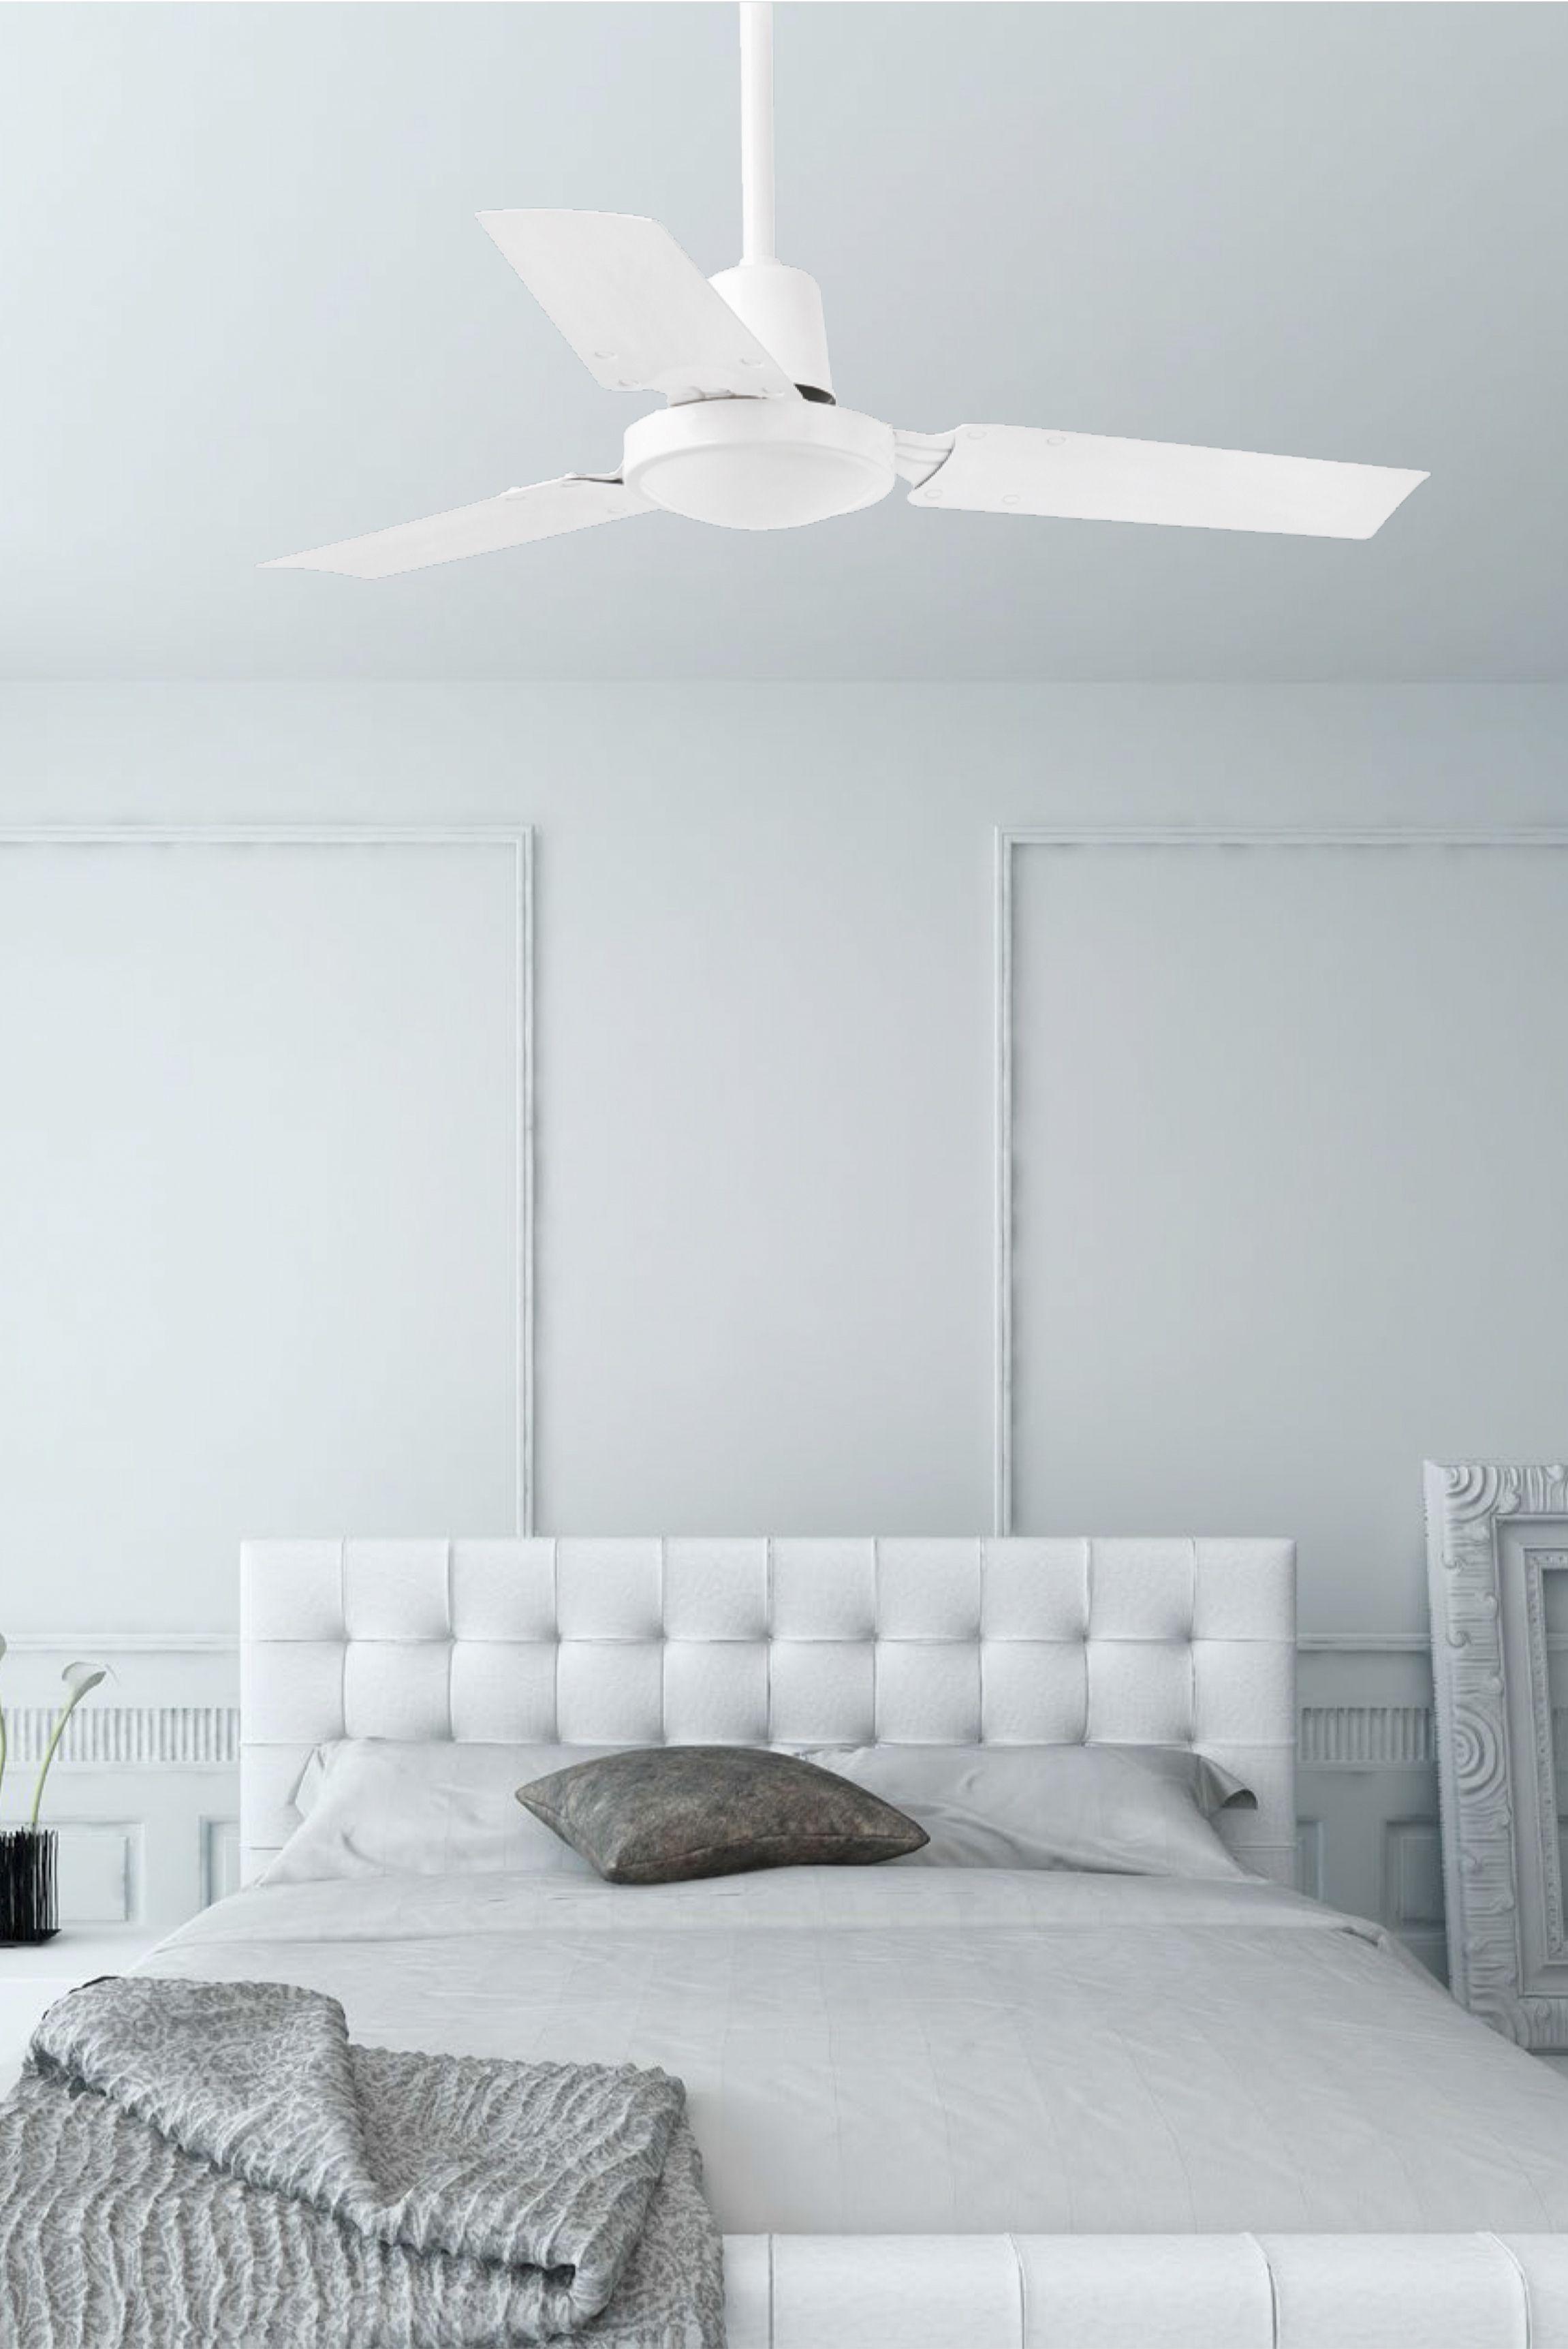 Faro mini indus ventilador techo 3 palas 33011 l mparas - Ventilador techo diseno ...